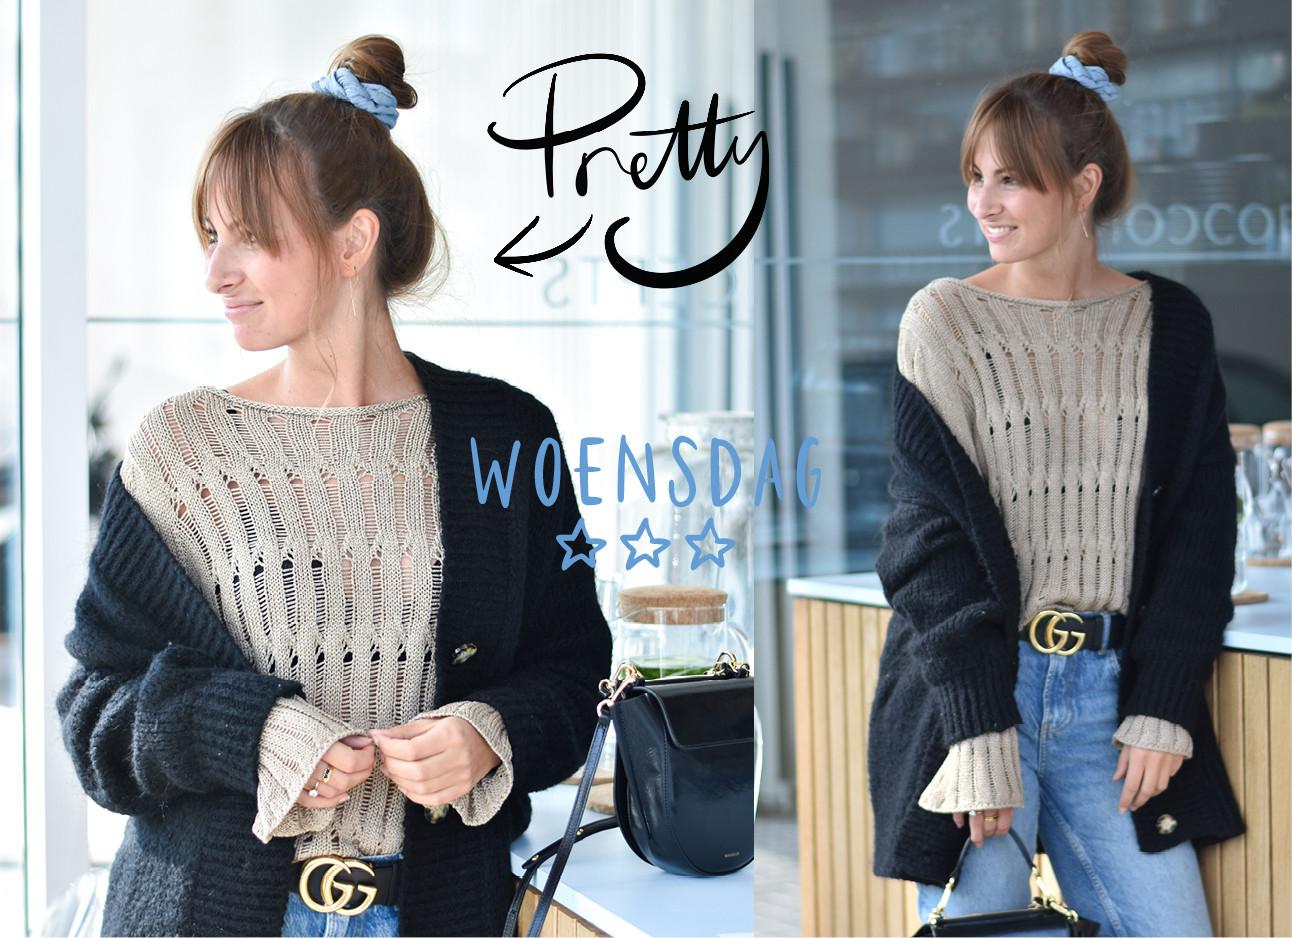 lilian brijl in de look of the day bij coffee concepts, ze draagt een beige/bruine trui met daarover een zwart vest, een lichte jeans, gucci riem, blauwe scrunchie, wandler tas, pretty, woensdag